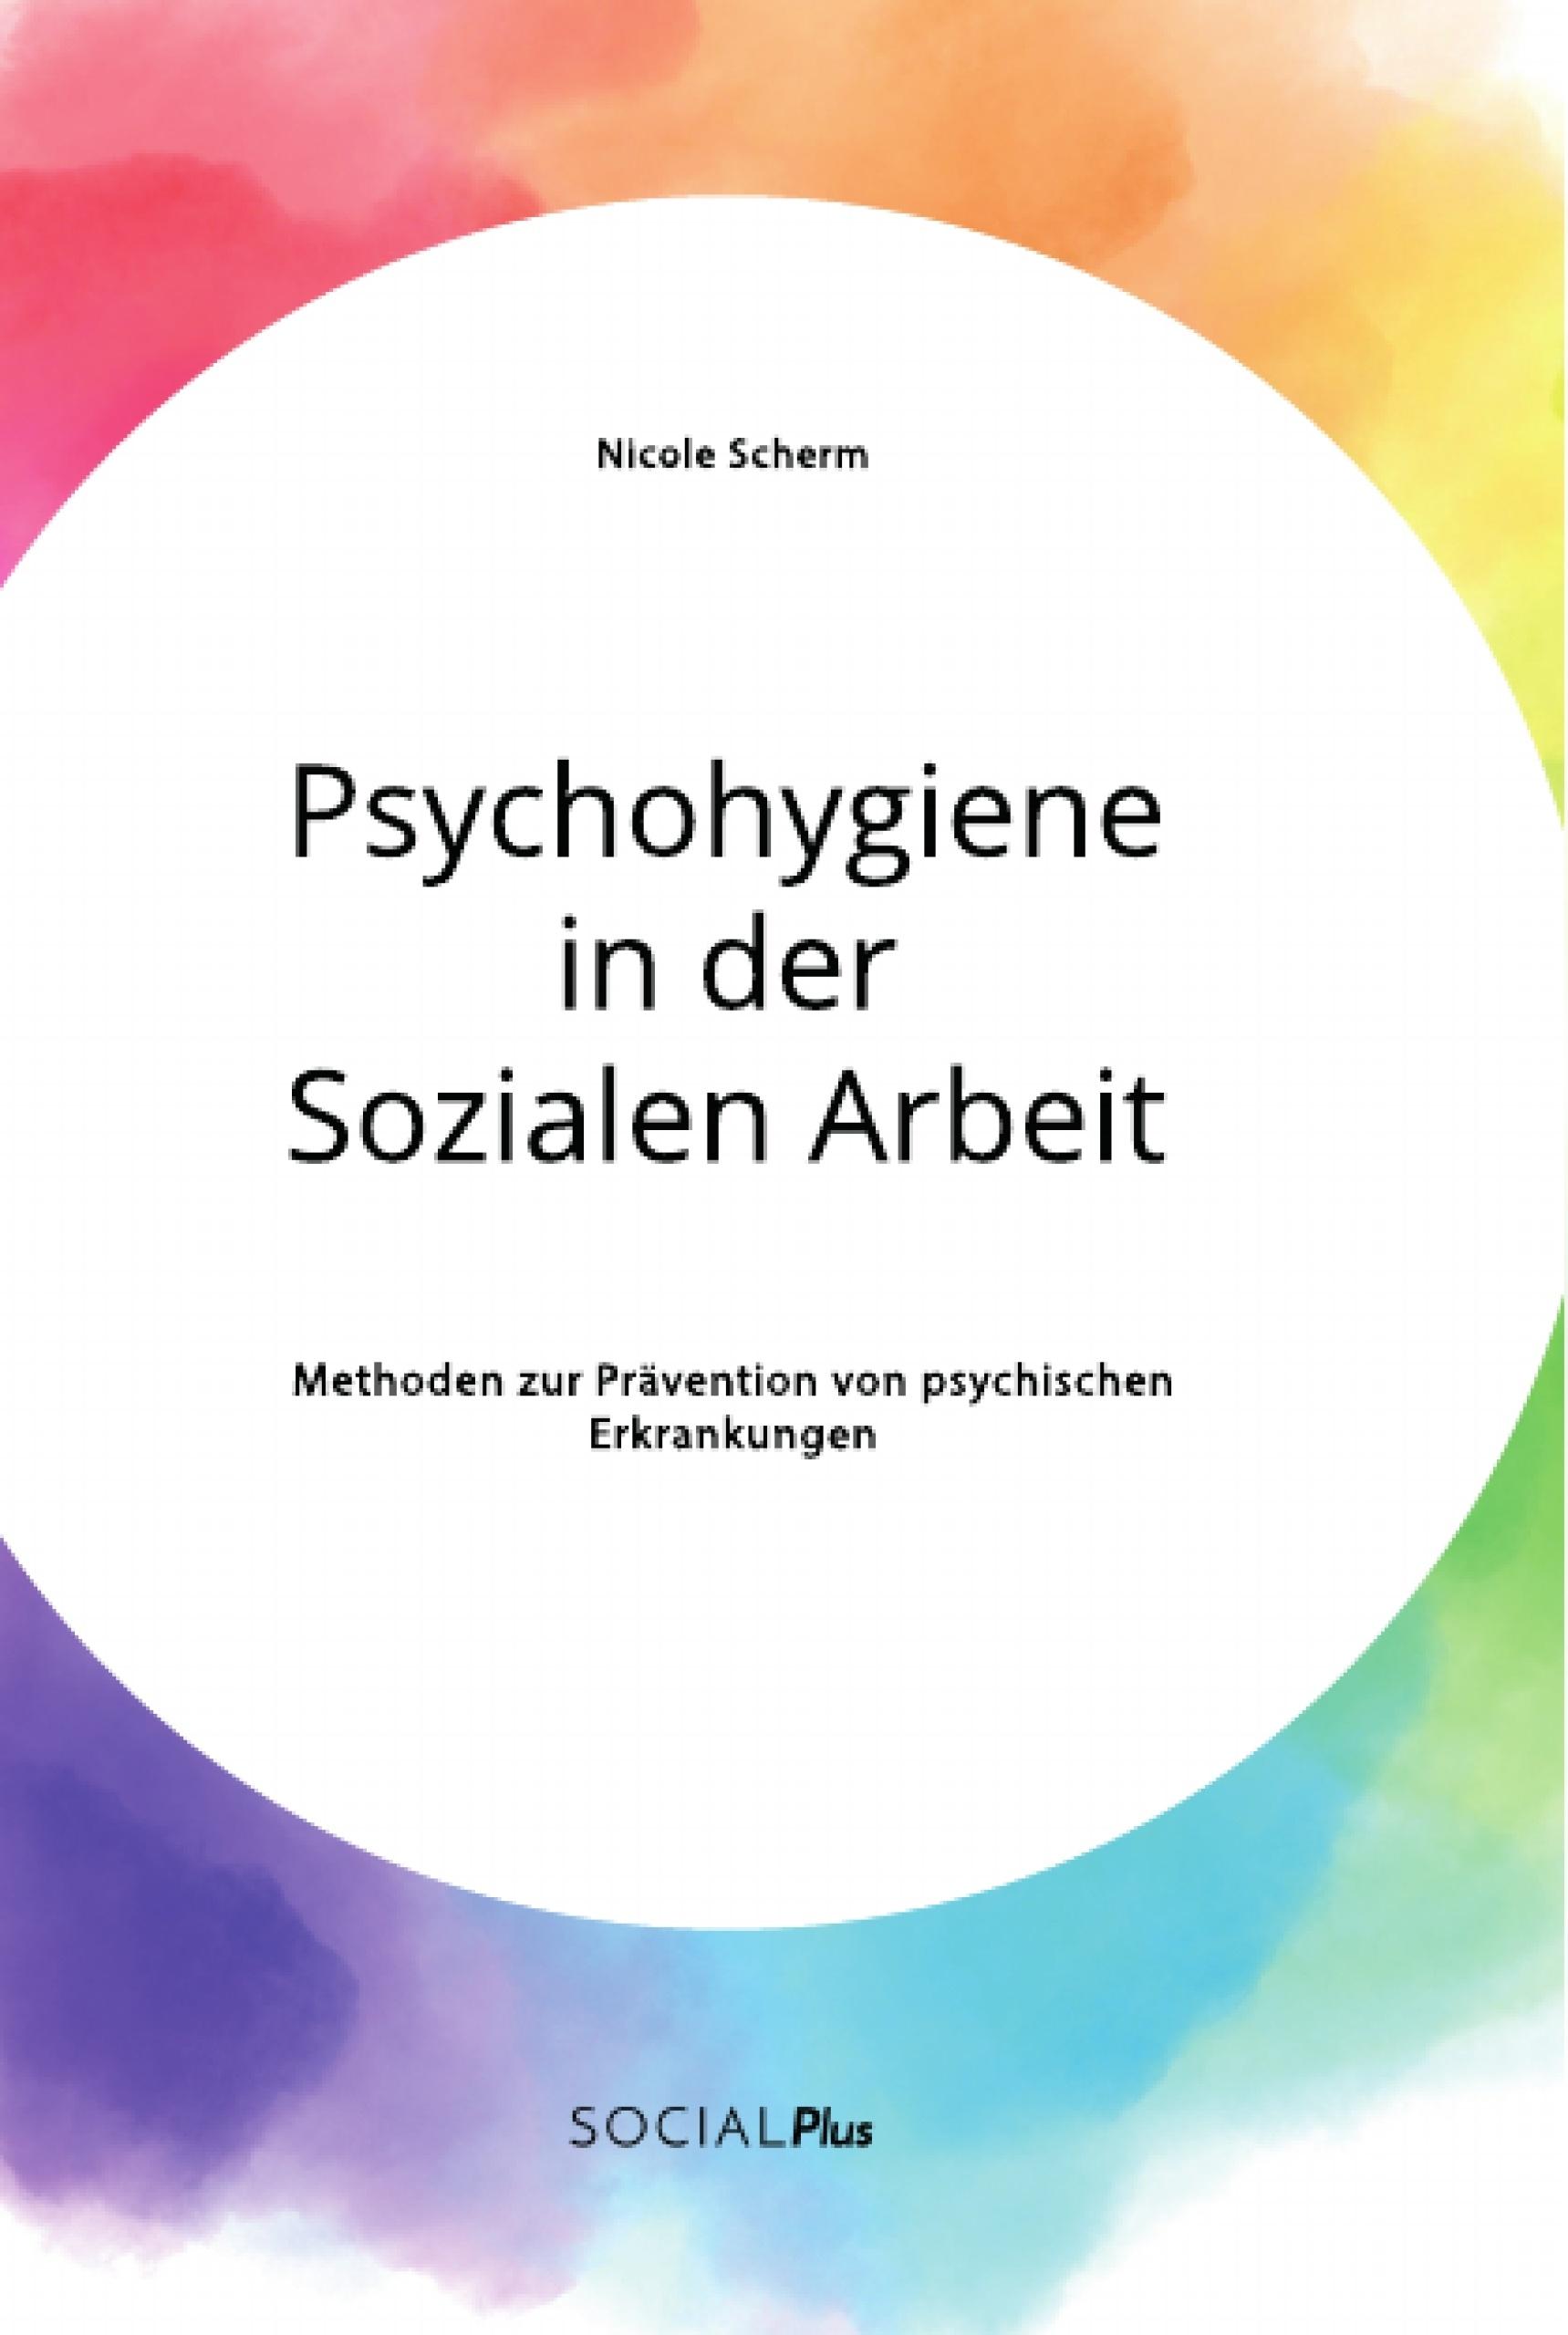 Titel: Psychohygiene in der Sozialen Arbeit. Methoden zur Prävention von psychischen Erkrankungen